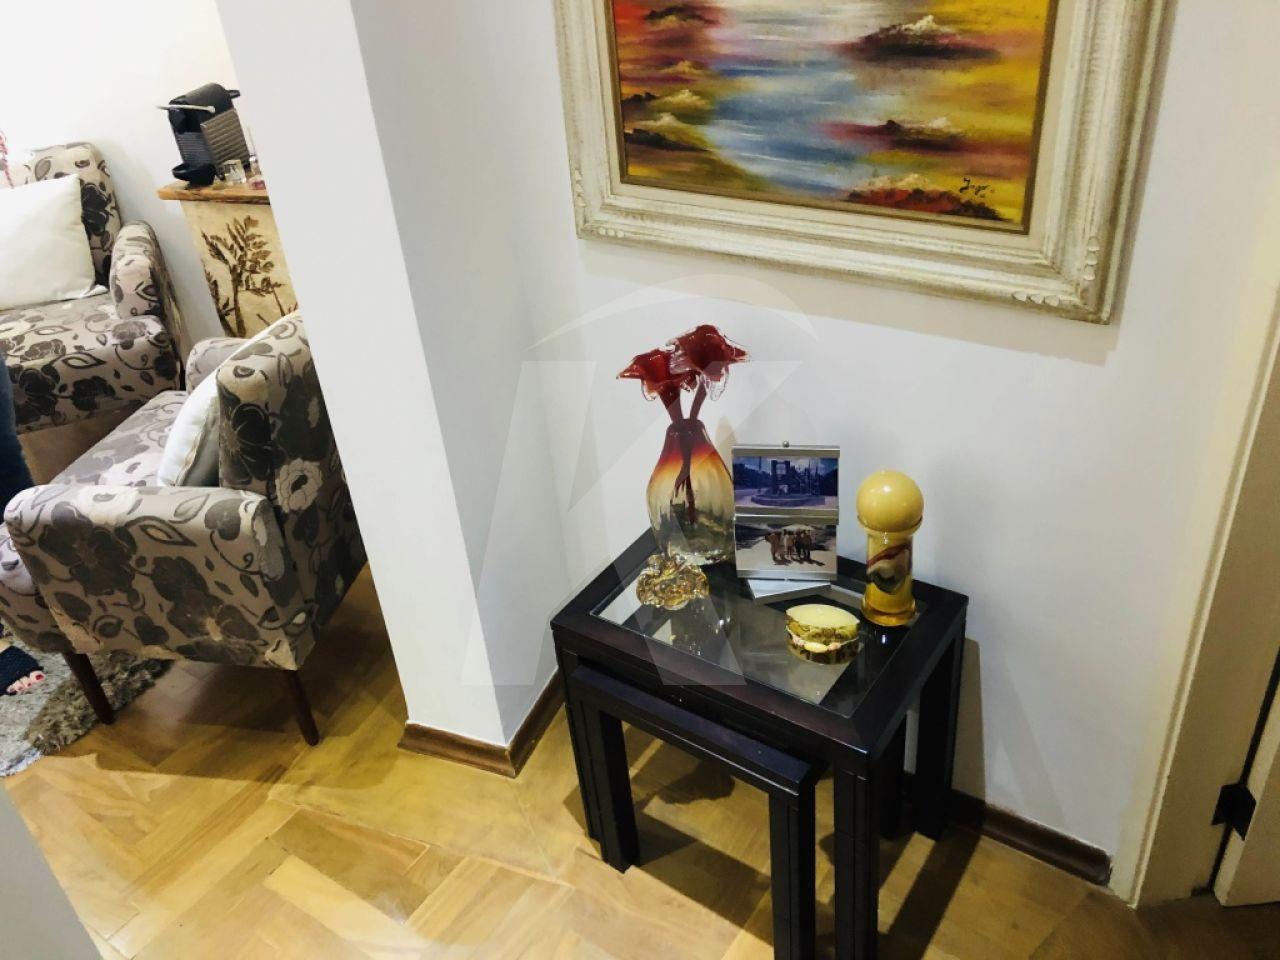 Apartamento Vila Gustavo - 2 Dormitório(s) - São Paulo - SP - REF. KA9723